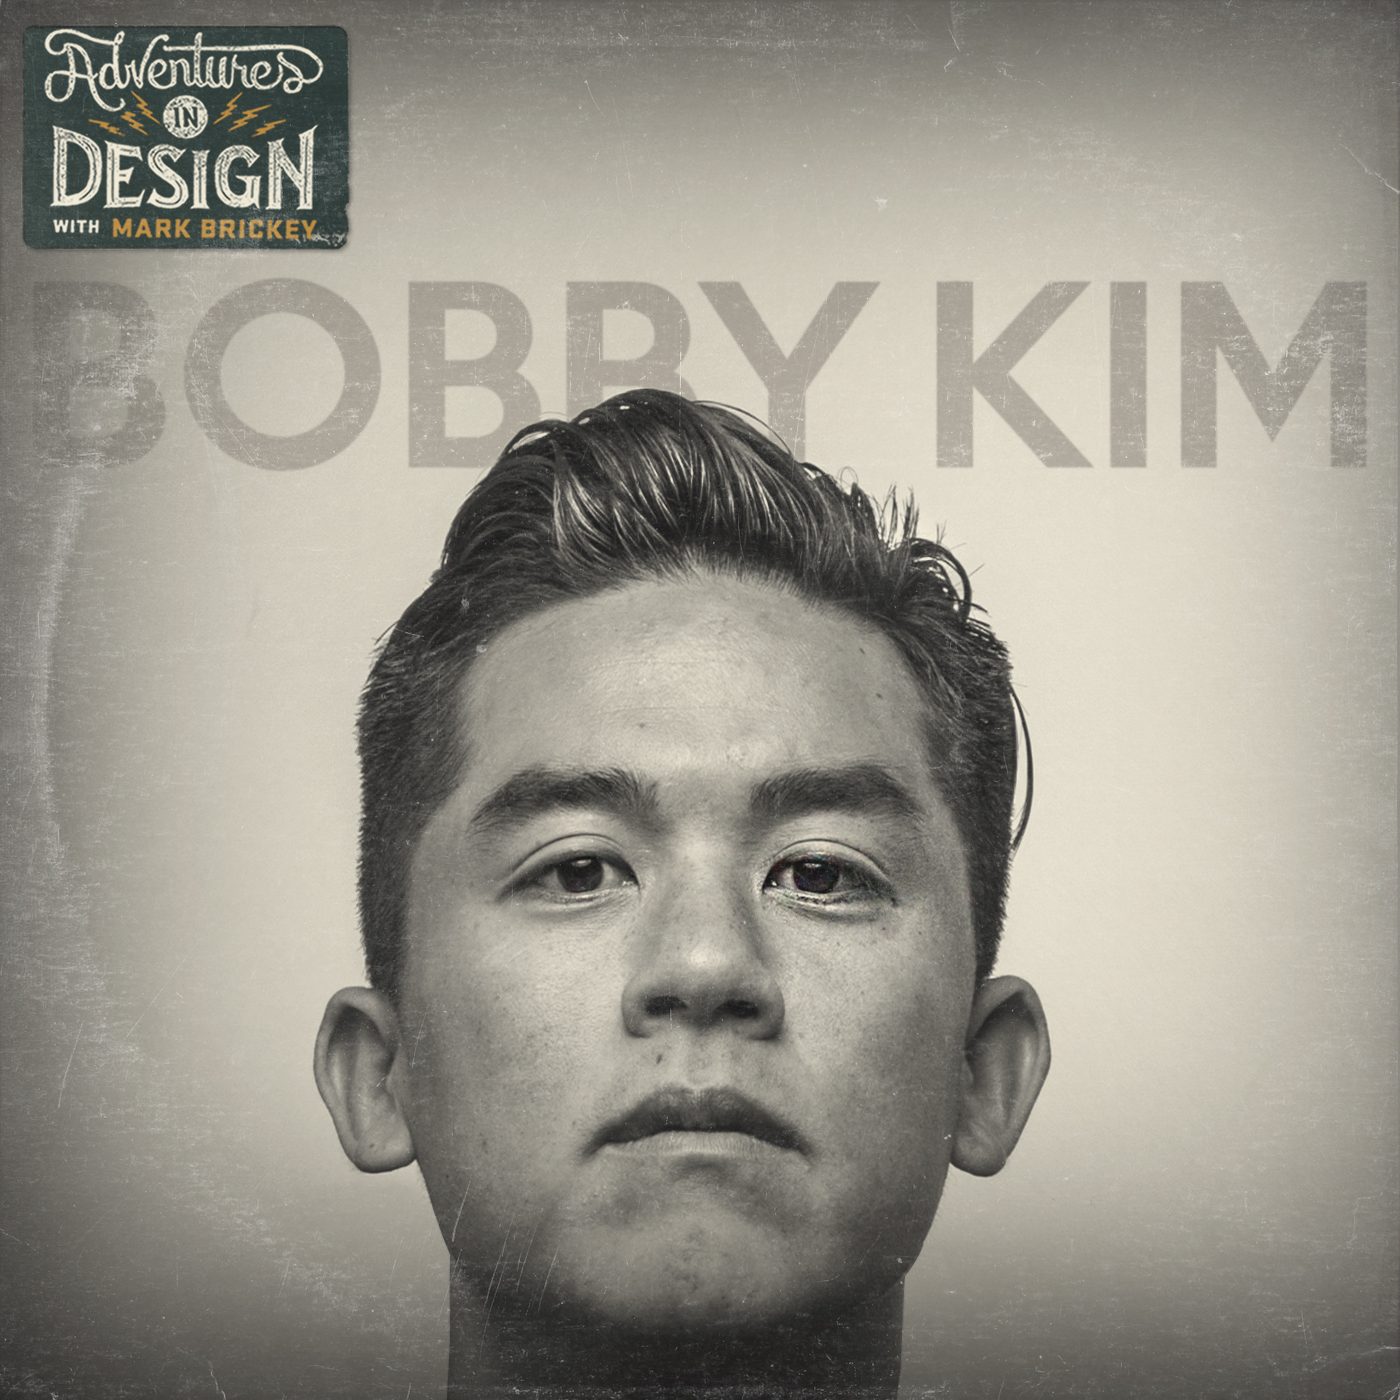 Episode 373 - Bobby Kim of The Hundreds